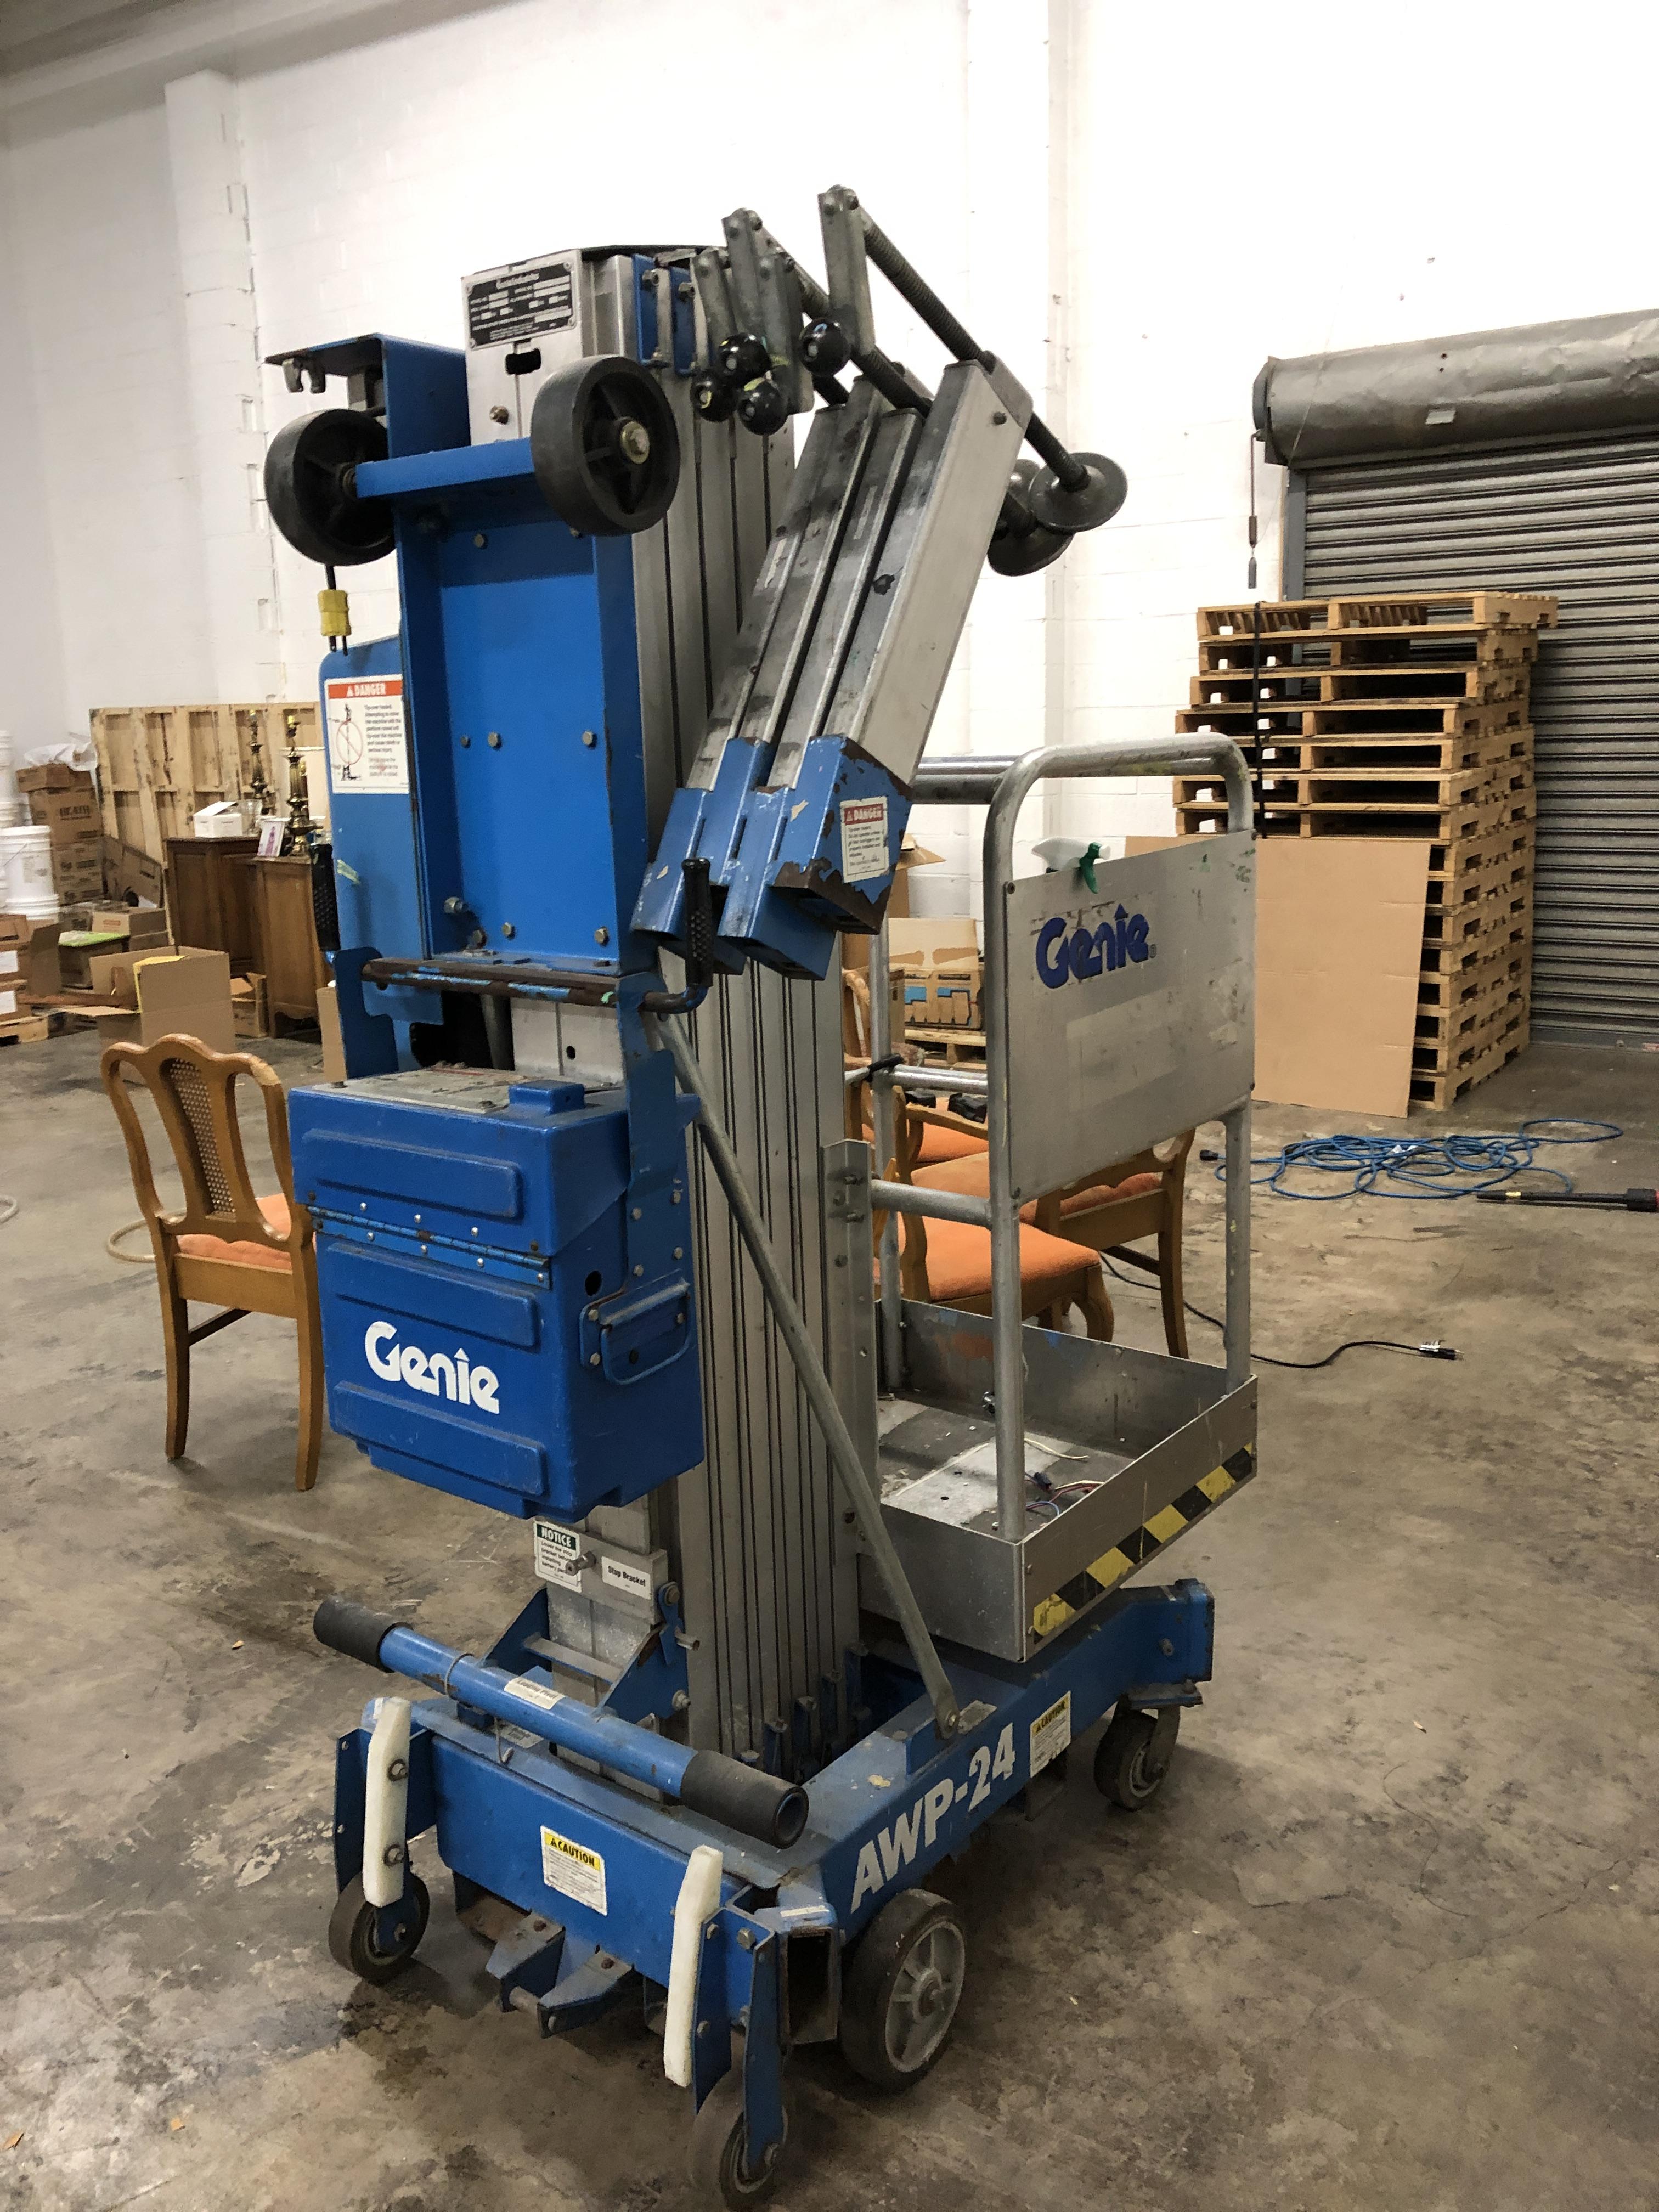 Lot 50 - Genie model AWP-24 Lift max load 350 lbs. Serial#3895-10513